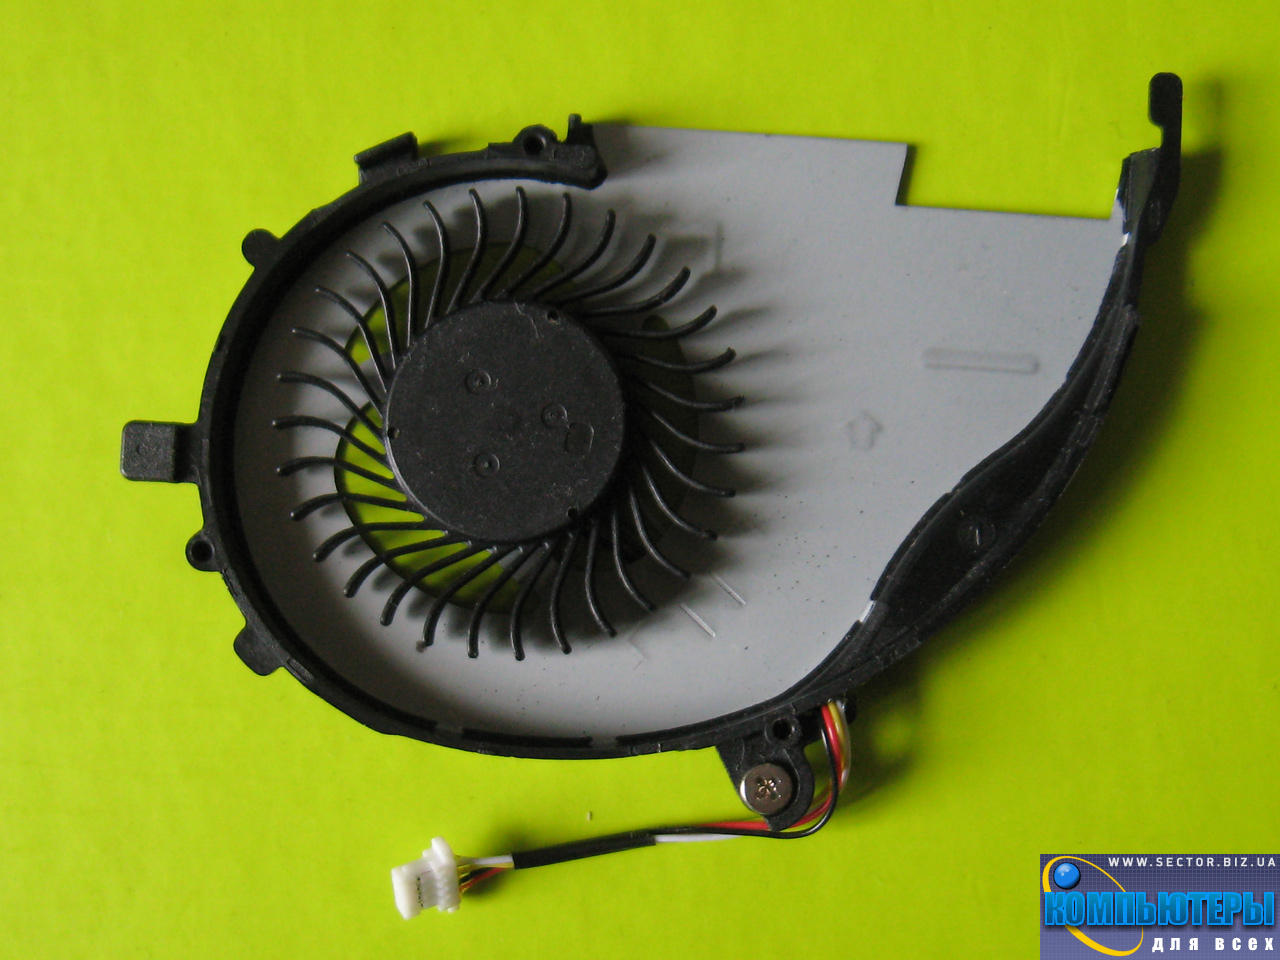 Кулер к ноутбуку Acer Aspire V5-472 V5-472P V5-572 V5-572G V5-572P V7-582PG p/n: DFS400805PB0T FCBB. Фото № 4.